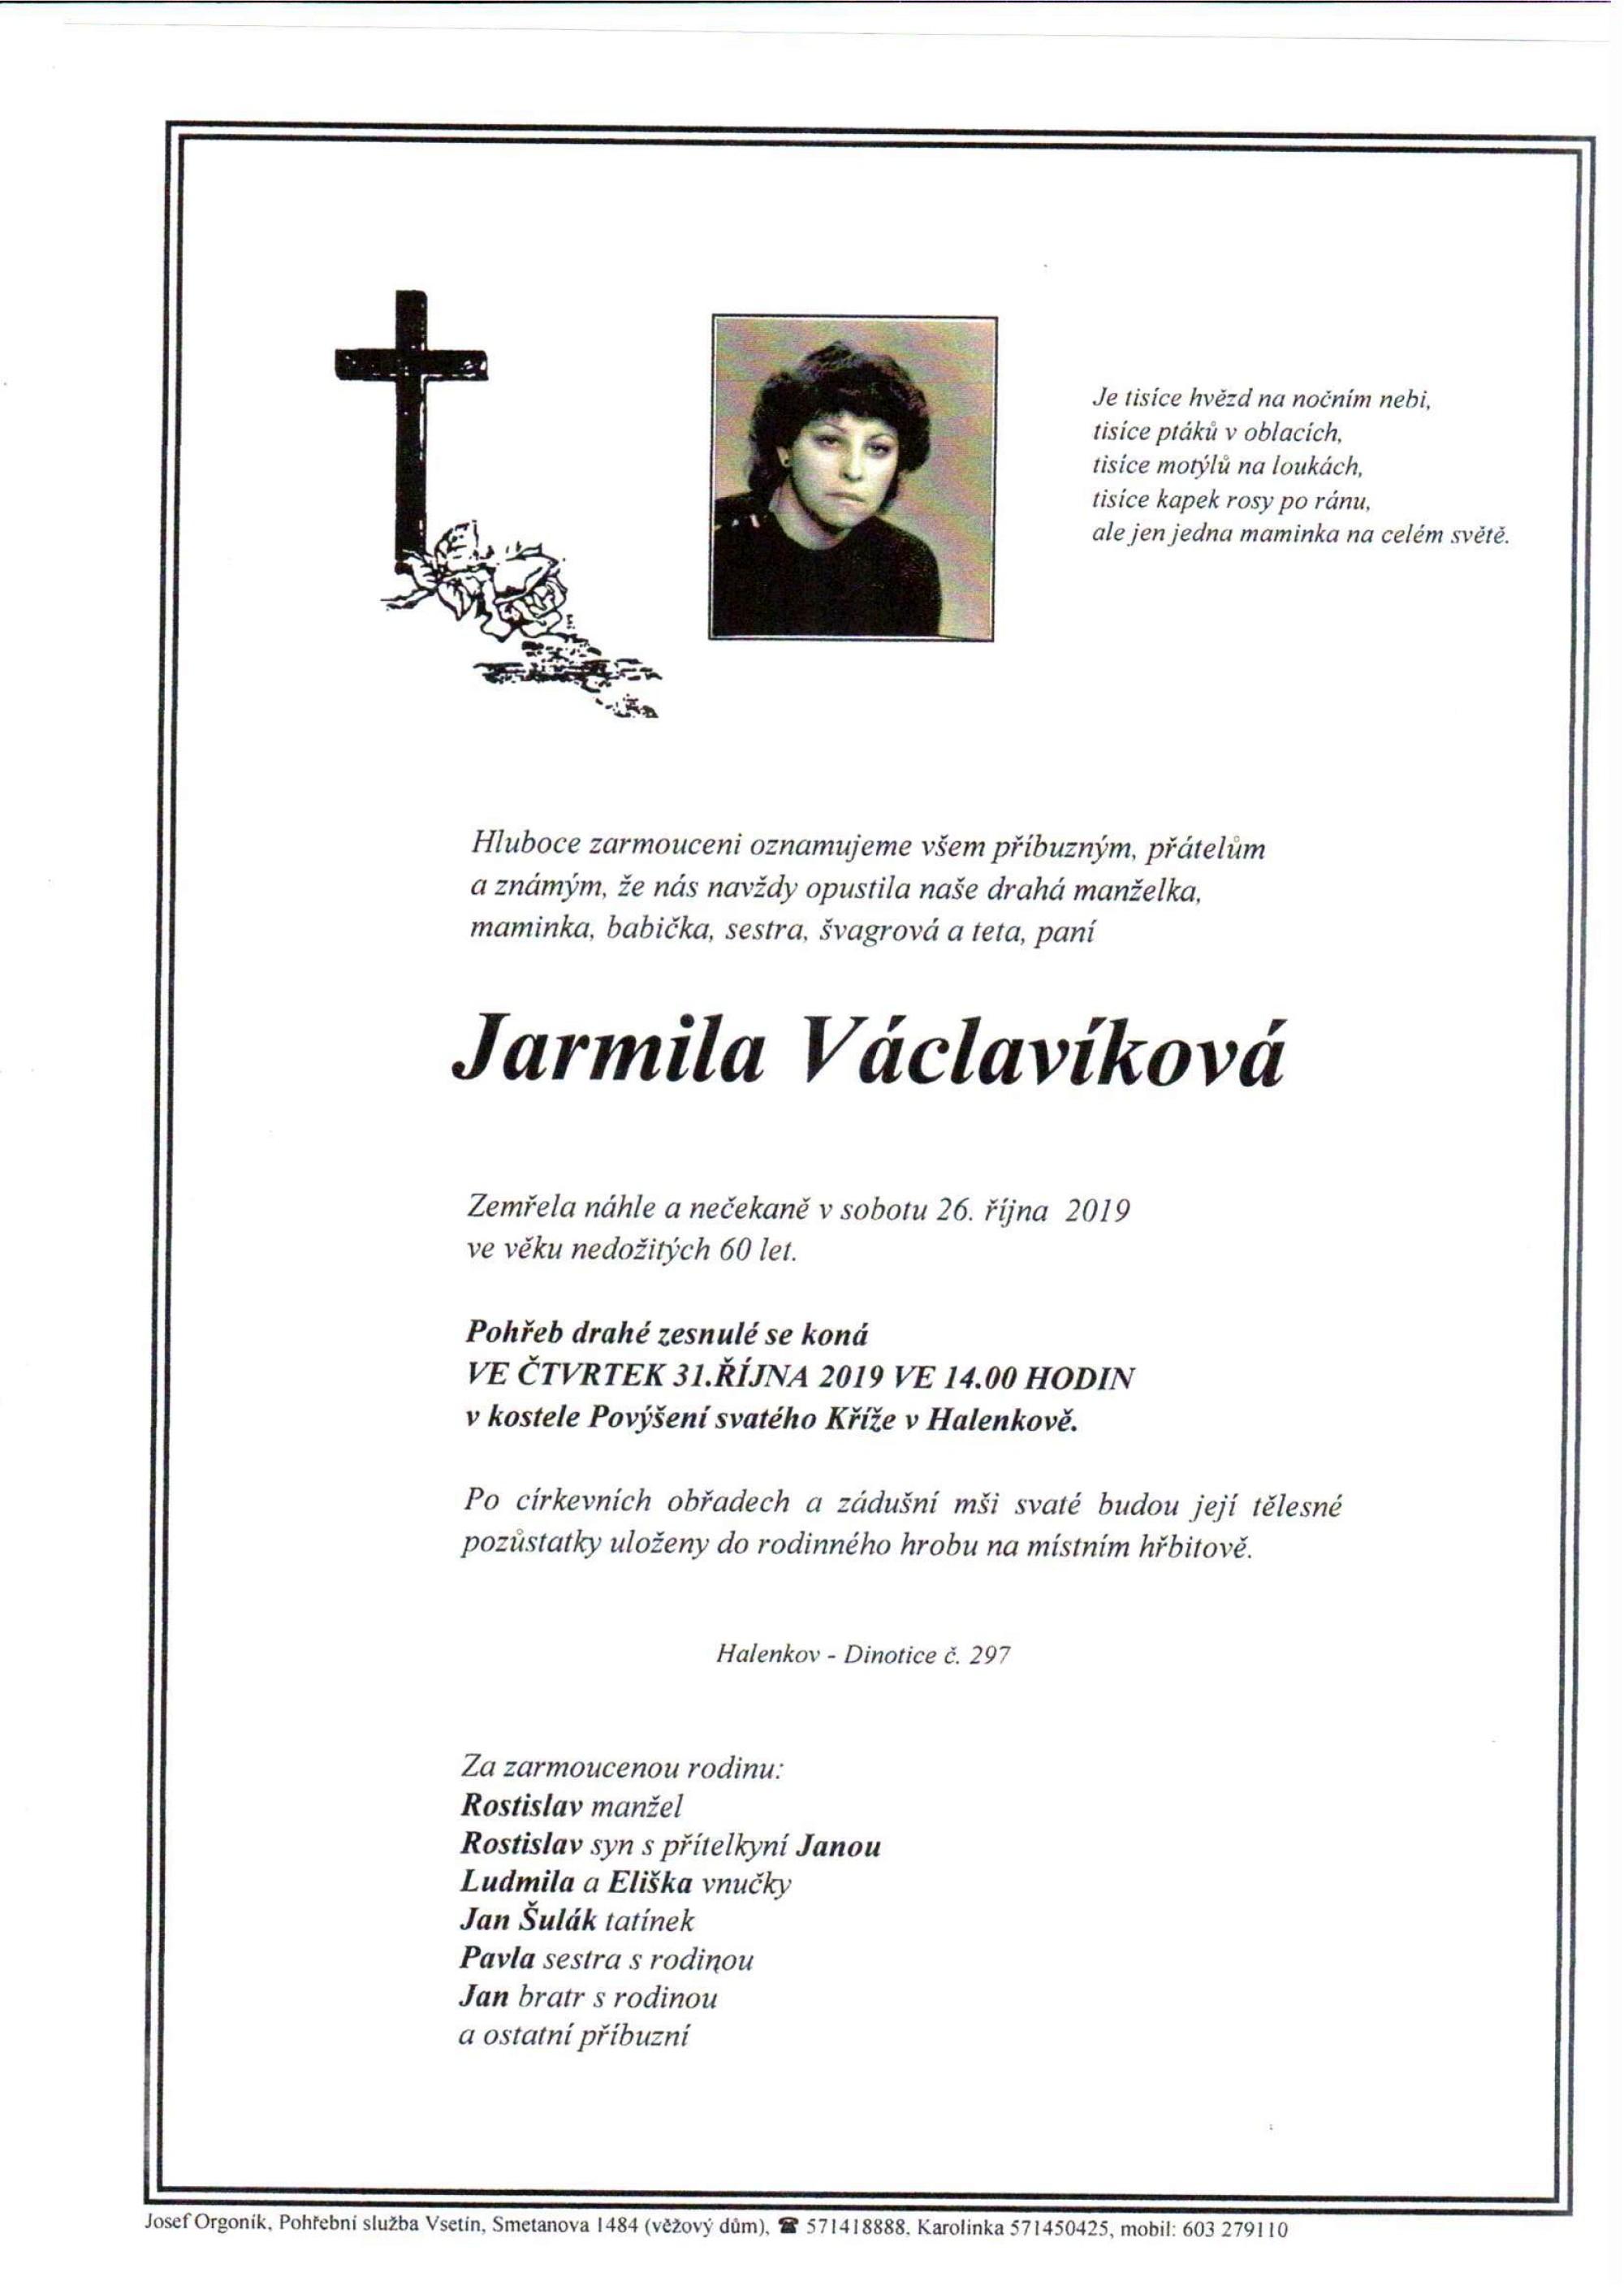 Jarmila Václavíková